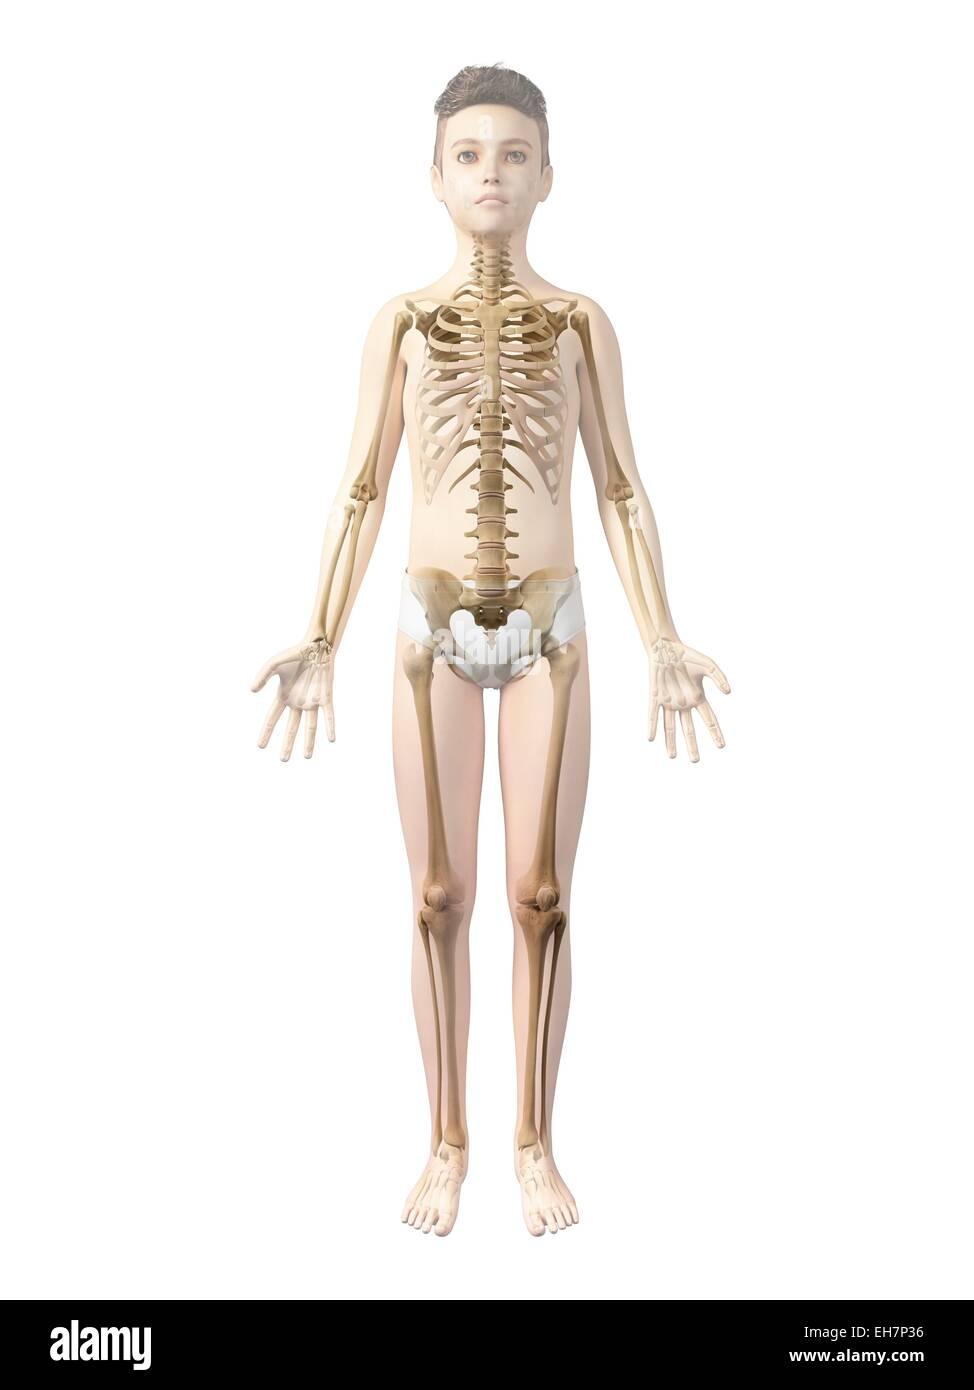 Ausgezeichnet Pic Von Skelett System Galerie - Menschliche Anatomie ...